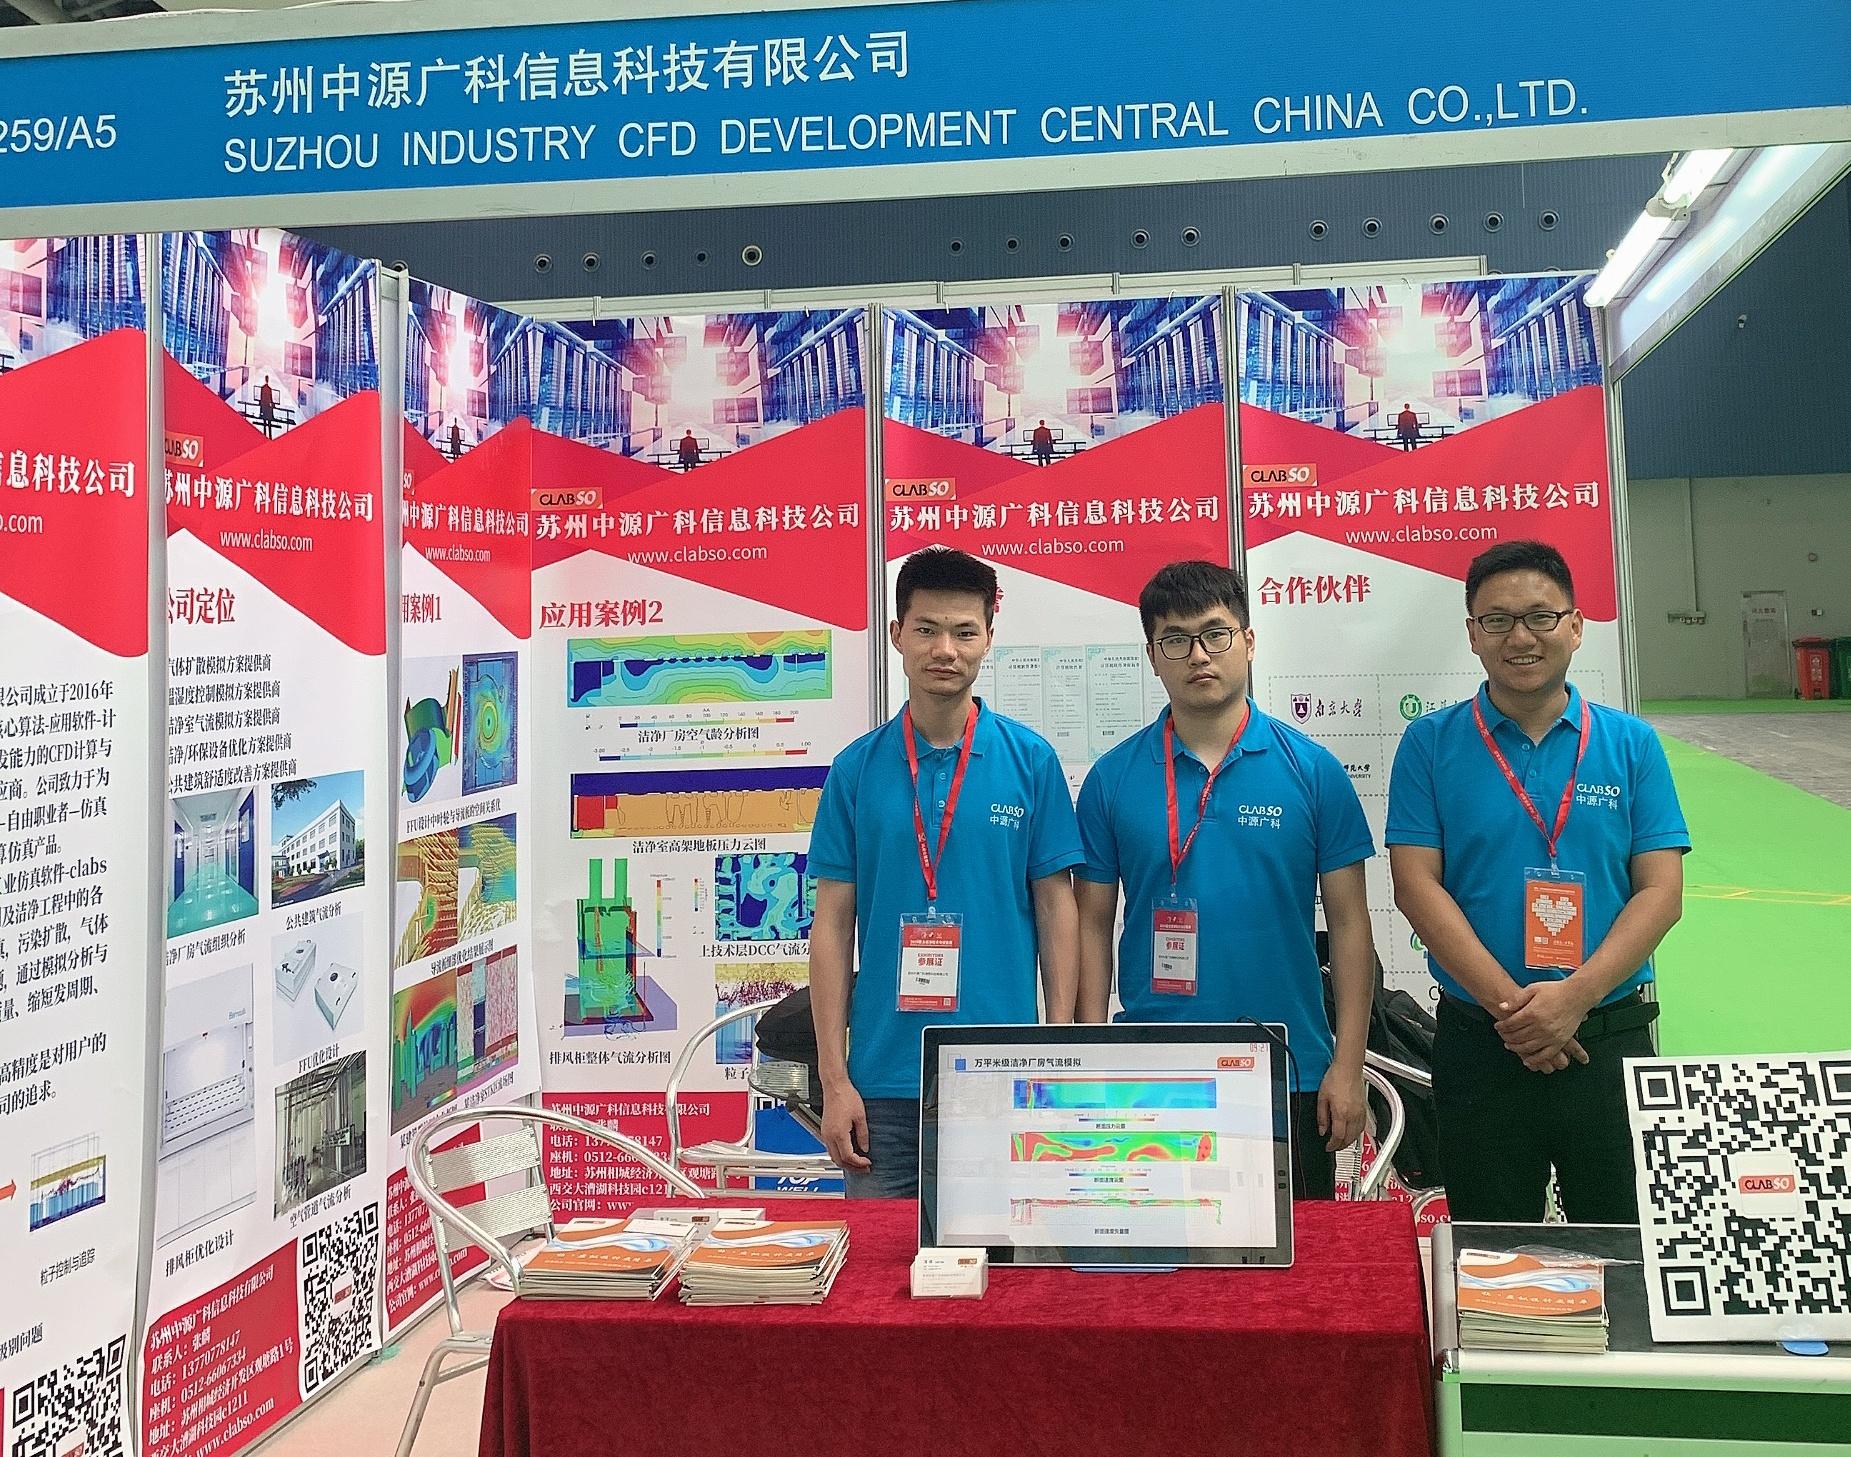 中源广科丨展位号259:亚太洁净技术与设备展览会实时报道